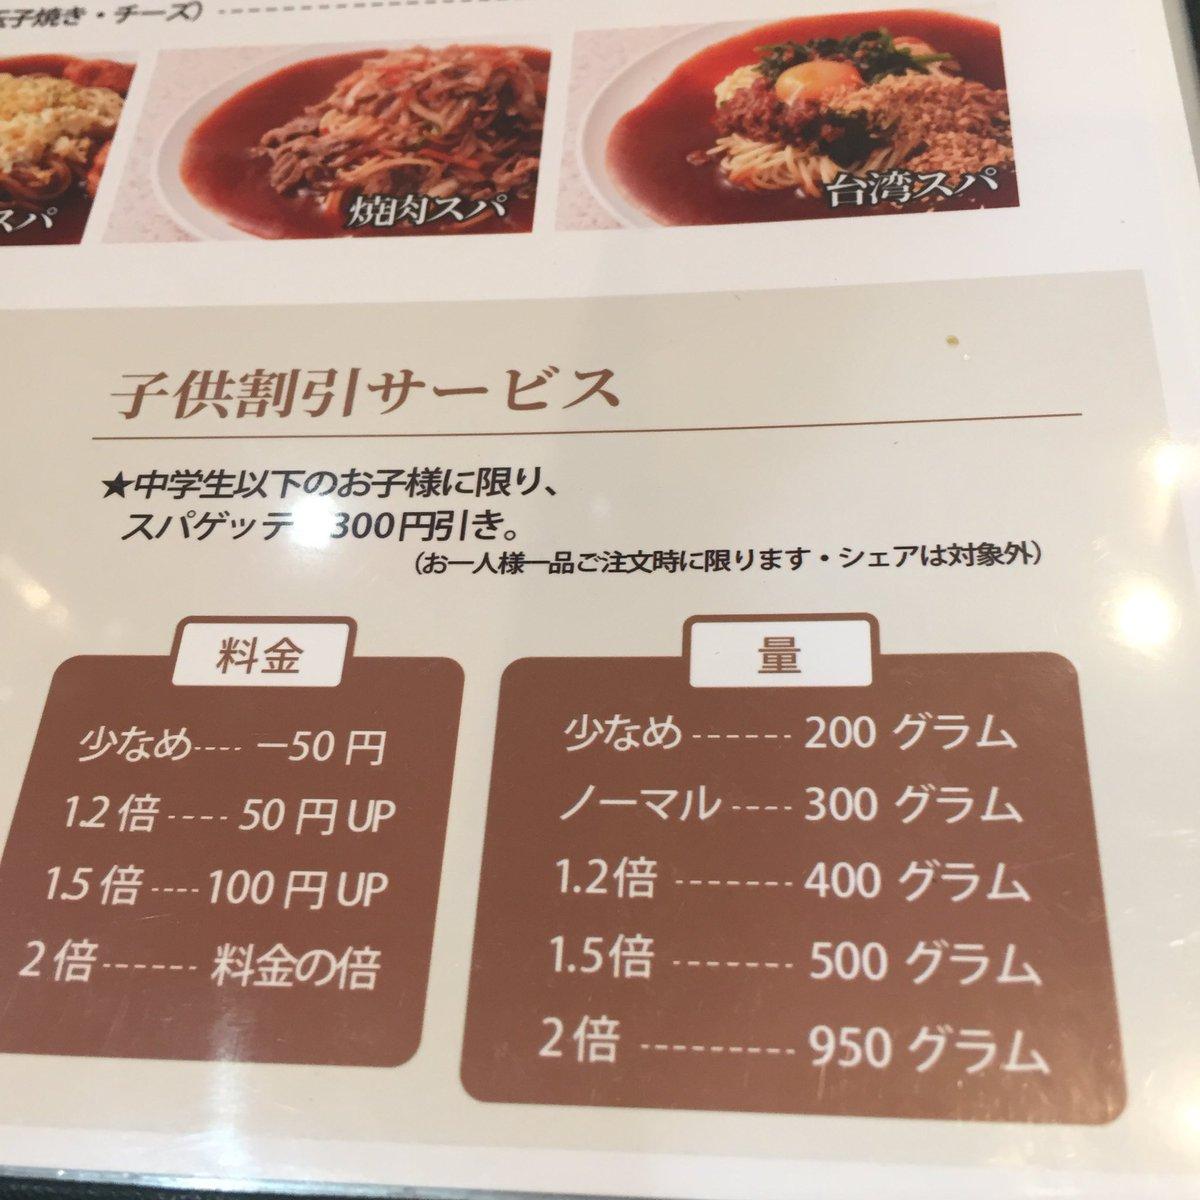 これが名古屋名物?スパゲティの2倍を選ぶと3倍を超えてくる!